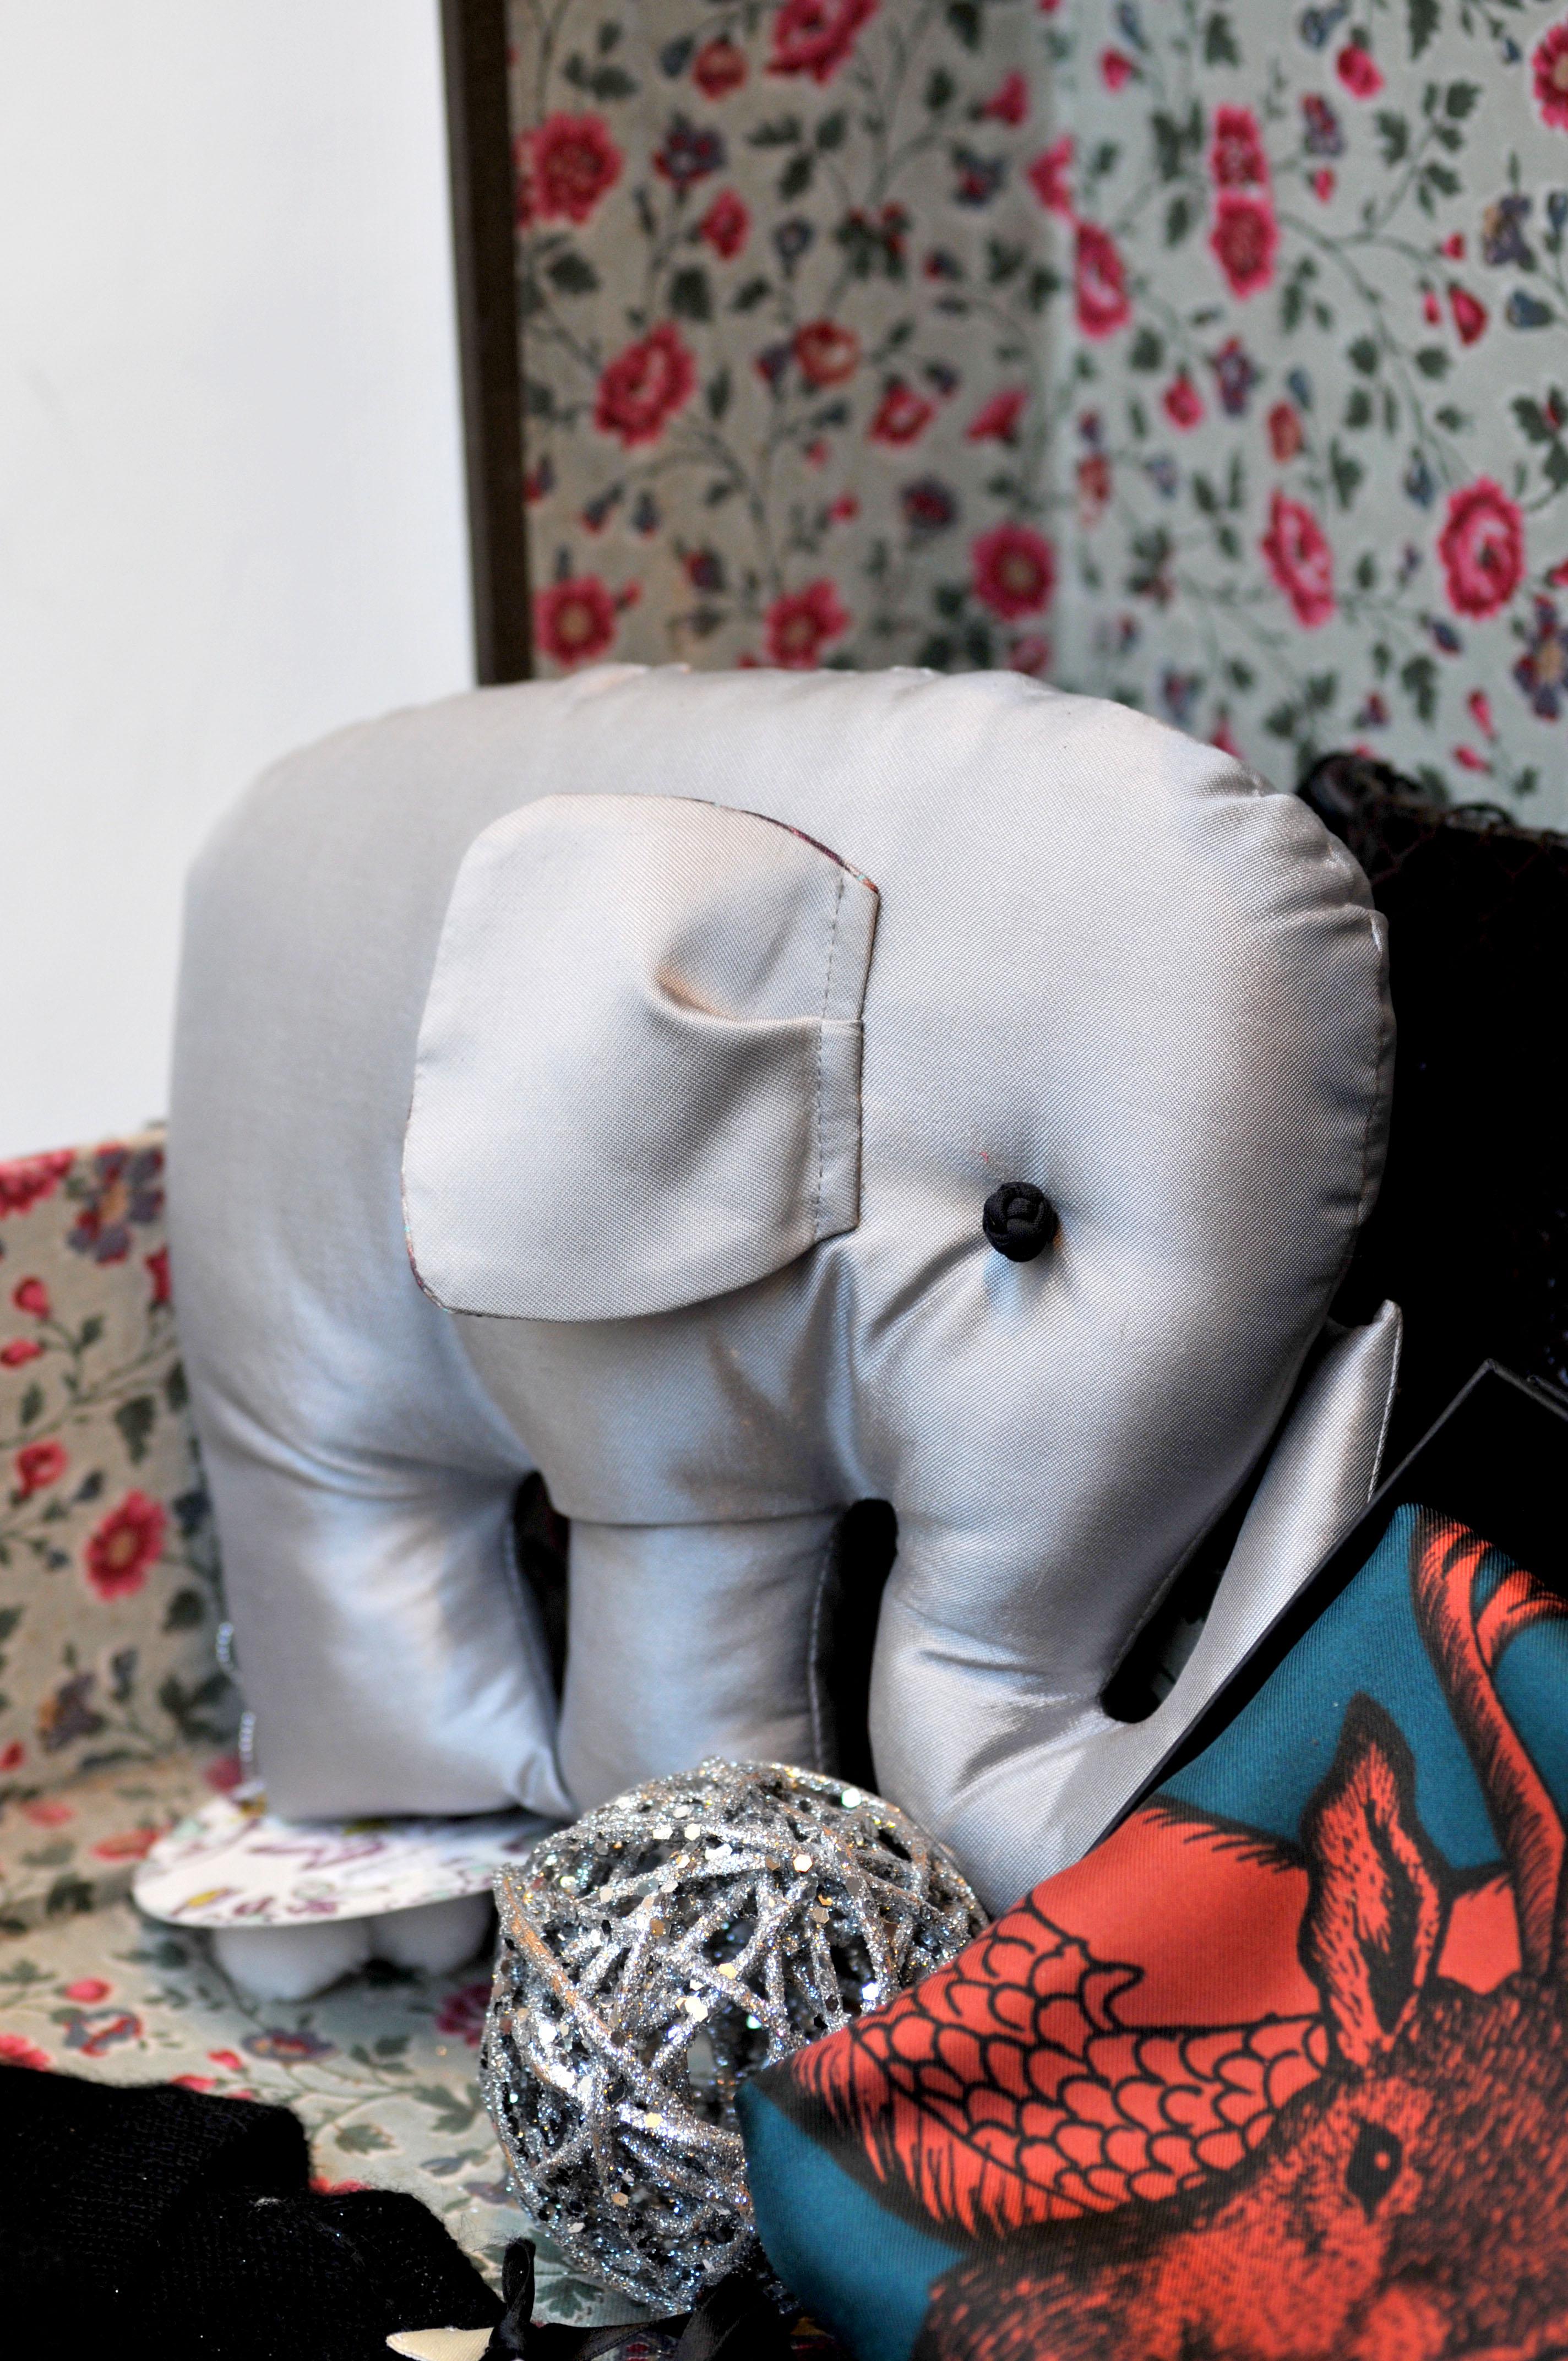 artisans_avantscene_elephant